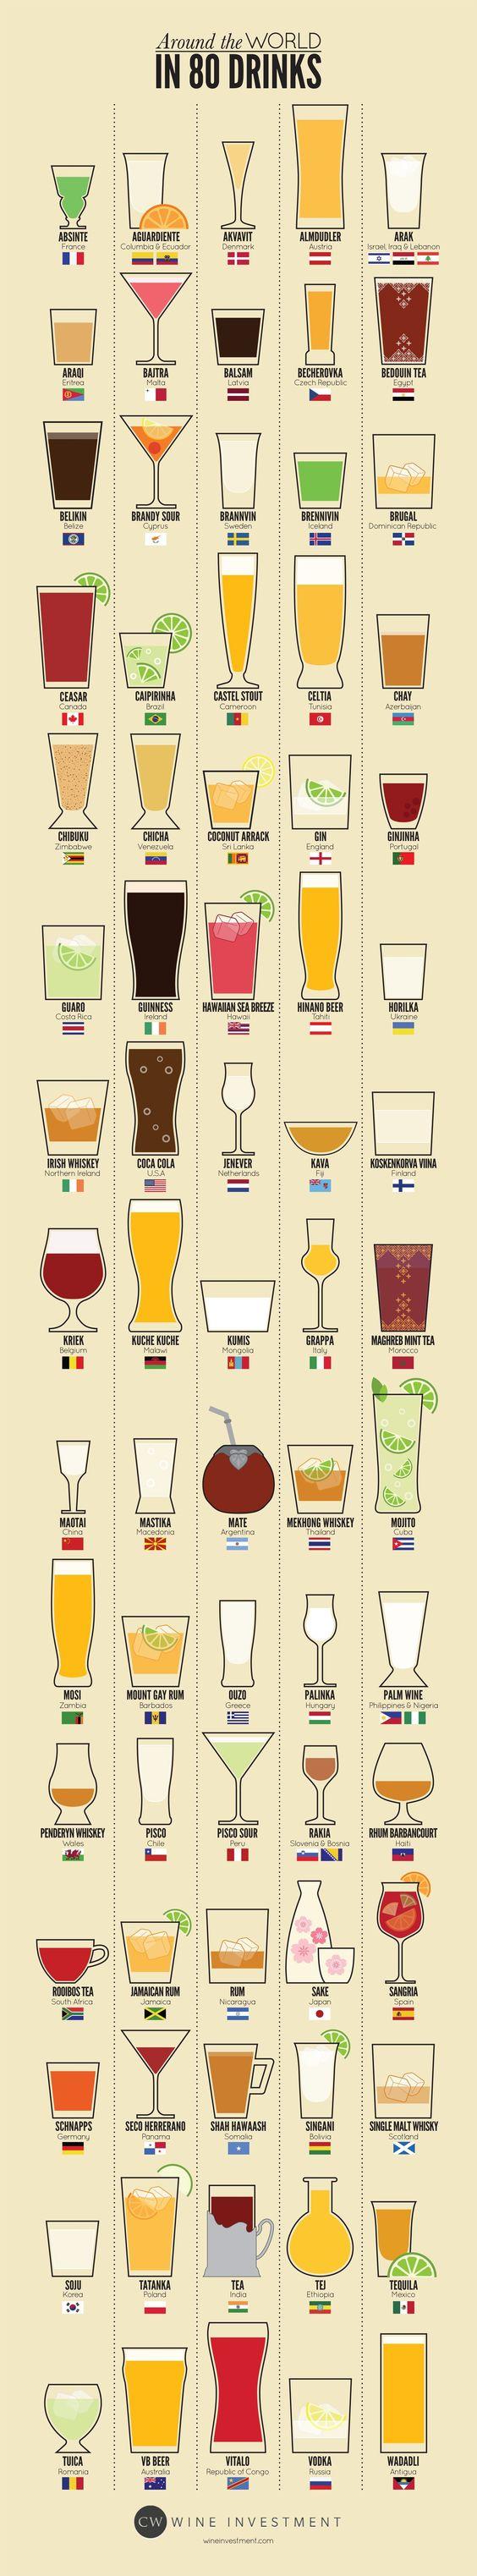 80 pays, 80 boissons : une infographie qui va vous donner soif !